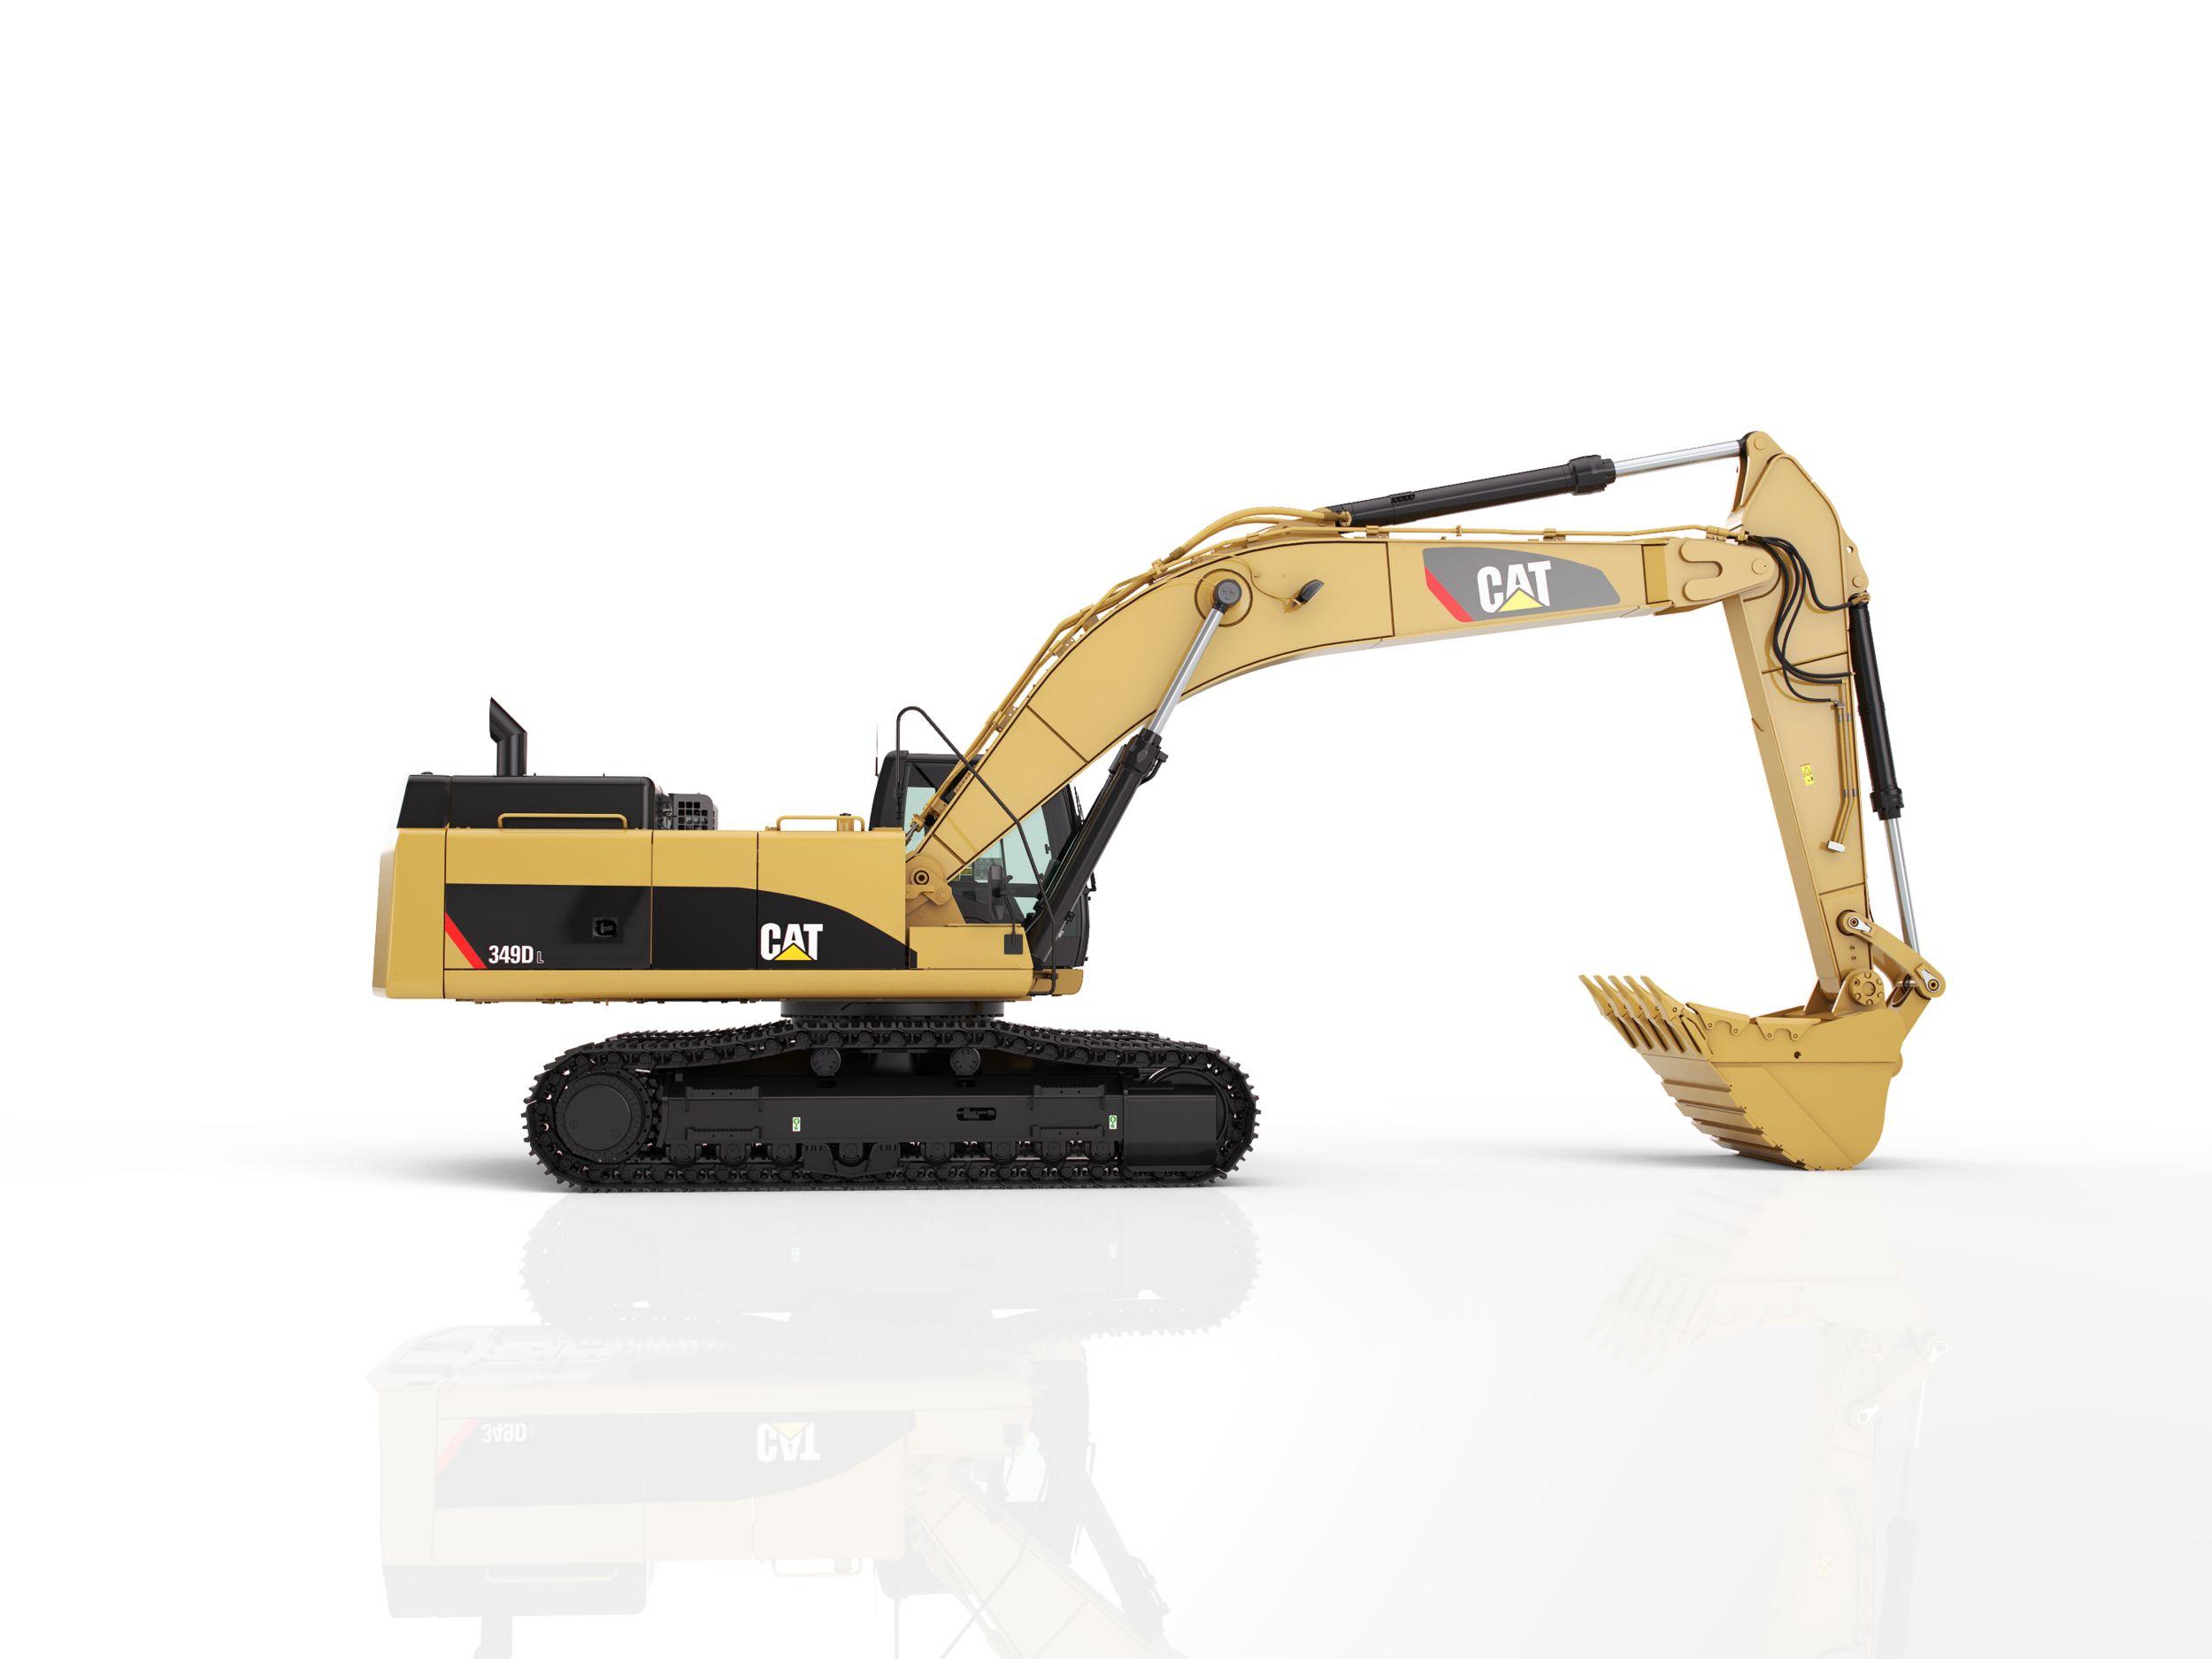 product-349D L Large Excavator